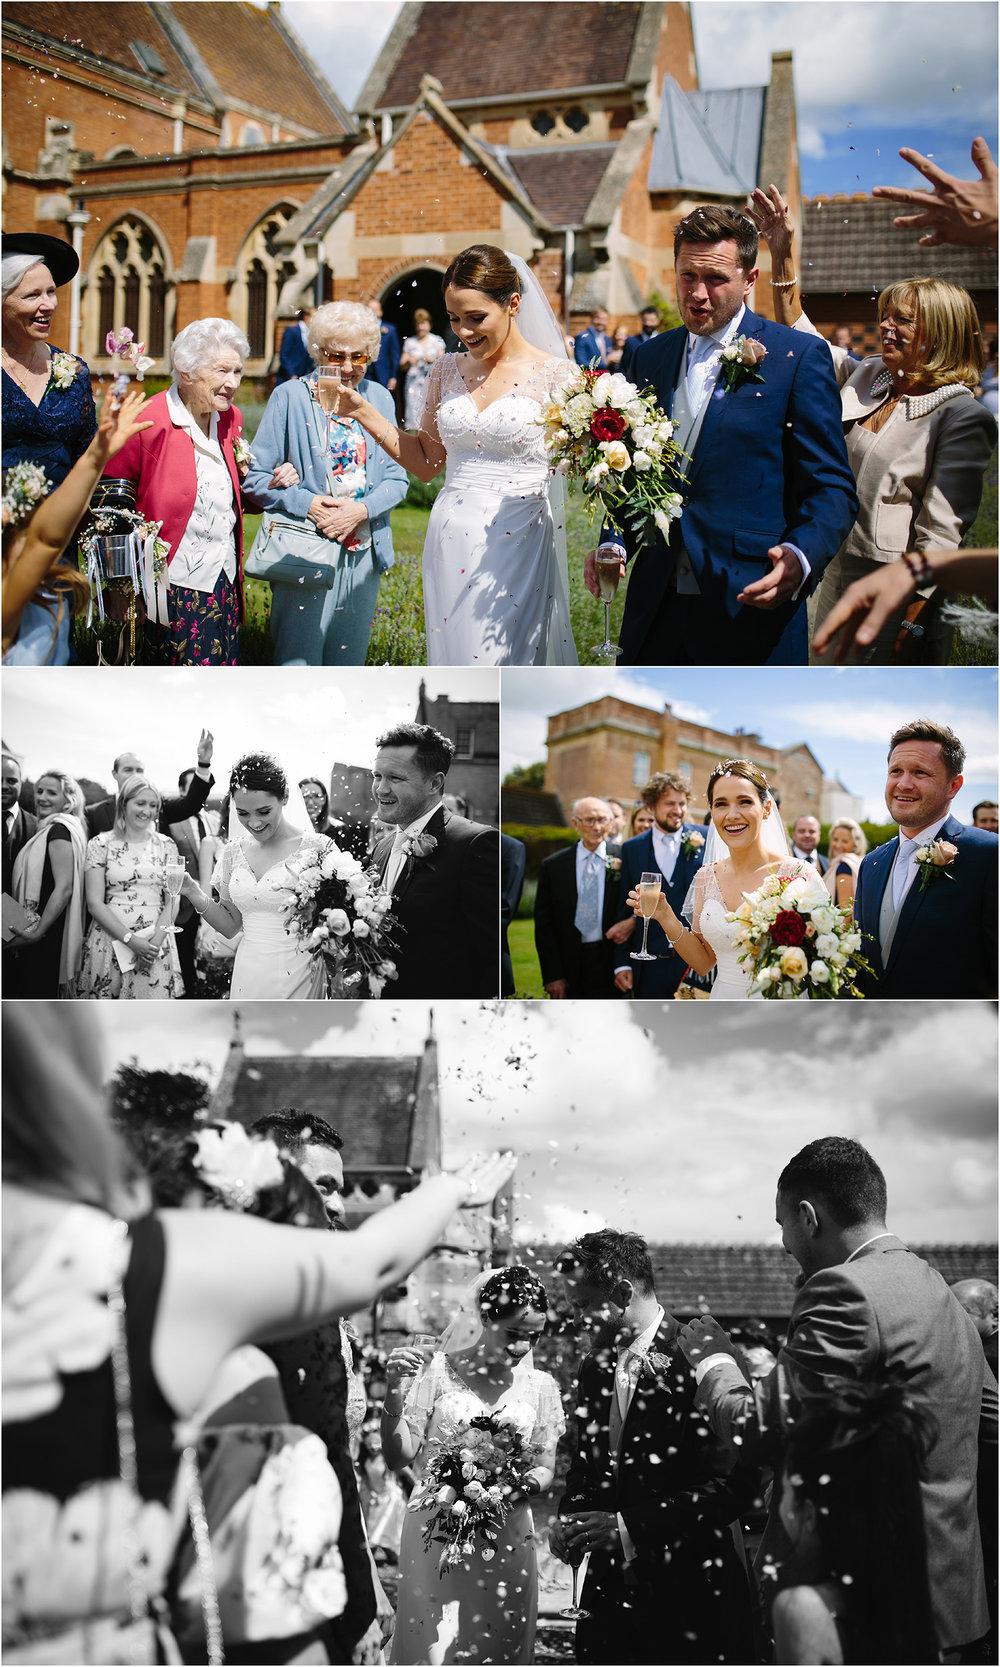 stanbrook-abbey-wedding-worcester-055.jpg